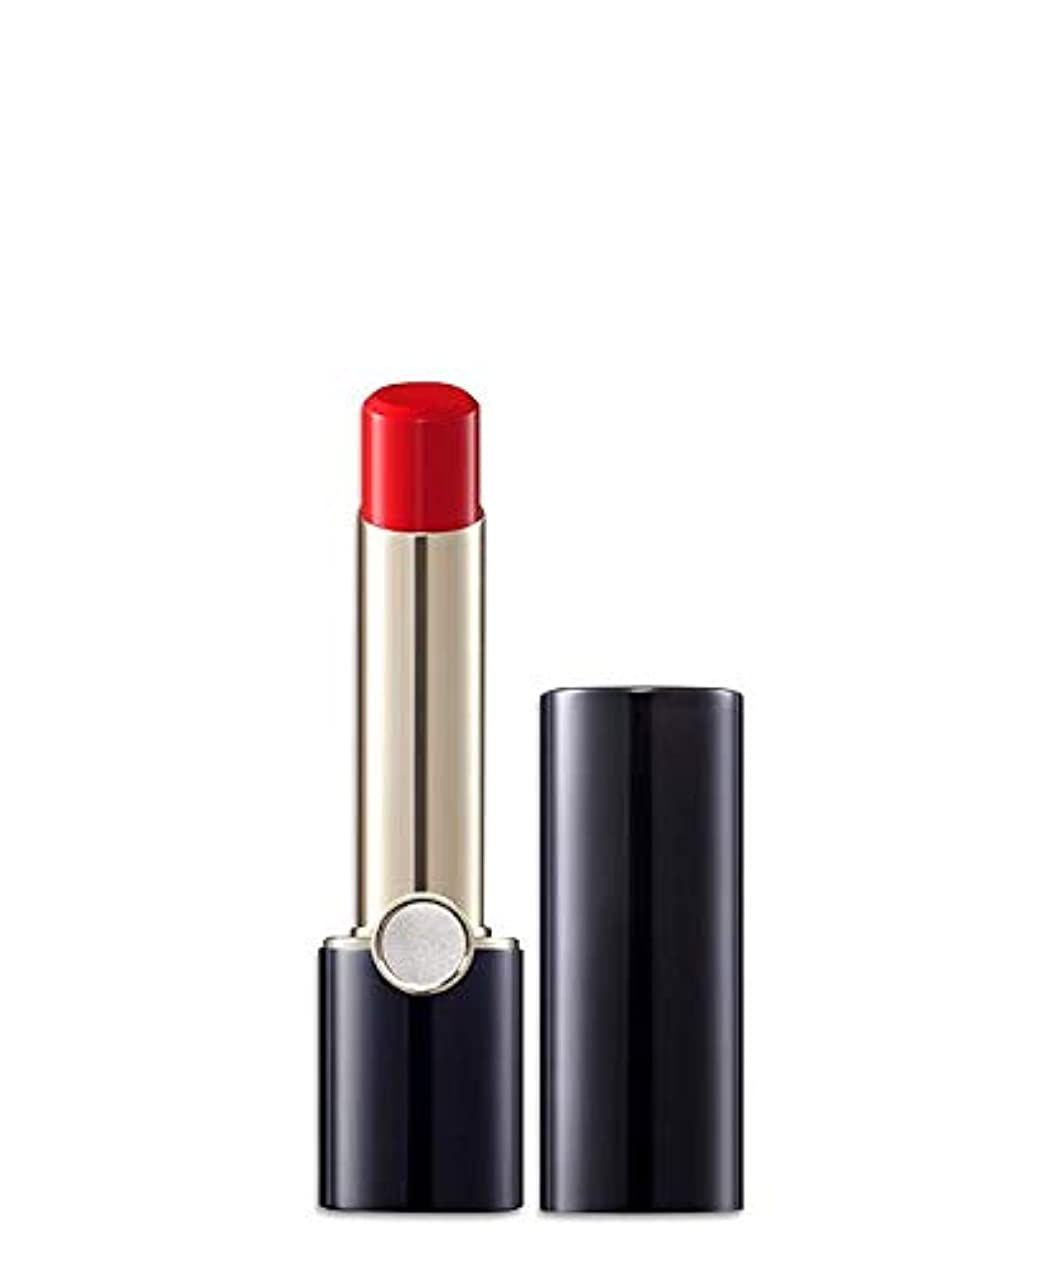 移住するマンハッタンすべて[アイオペ、iope]カラーフィットリップスティックグロー(3.2g)/ color fit lipstick glow(new.2019.02) (sweet berry)